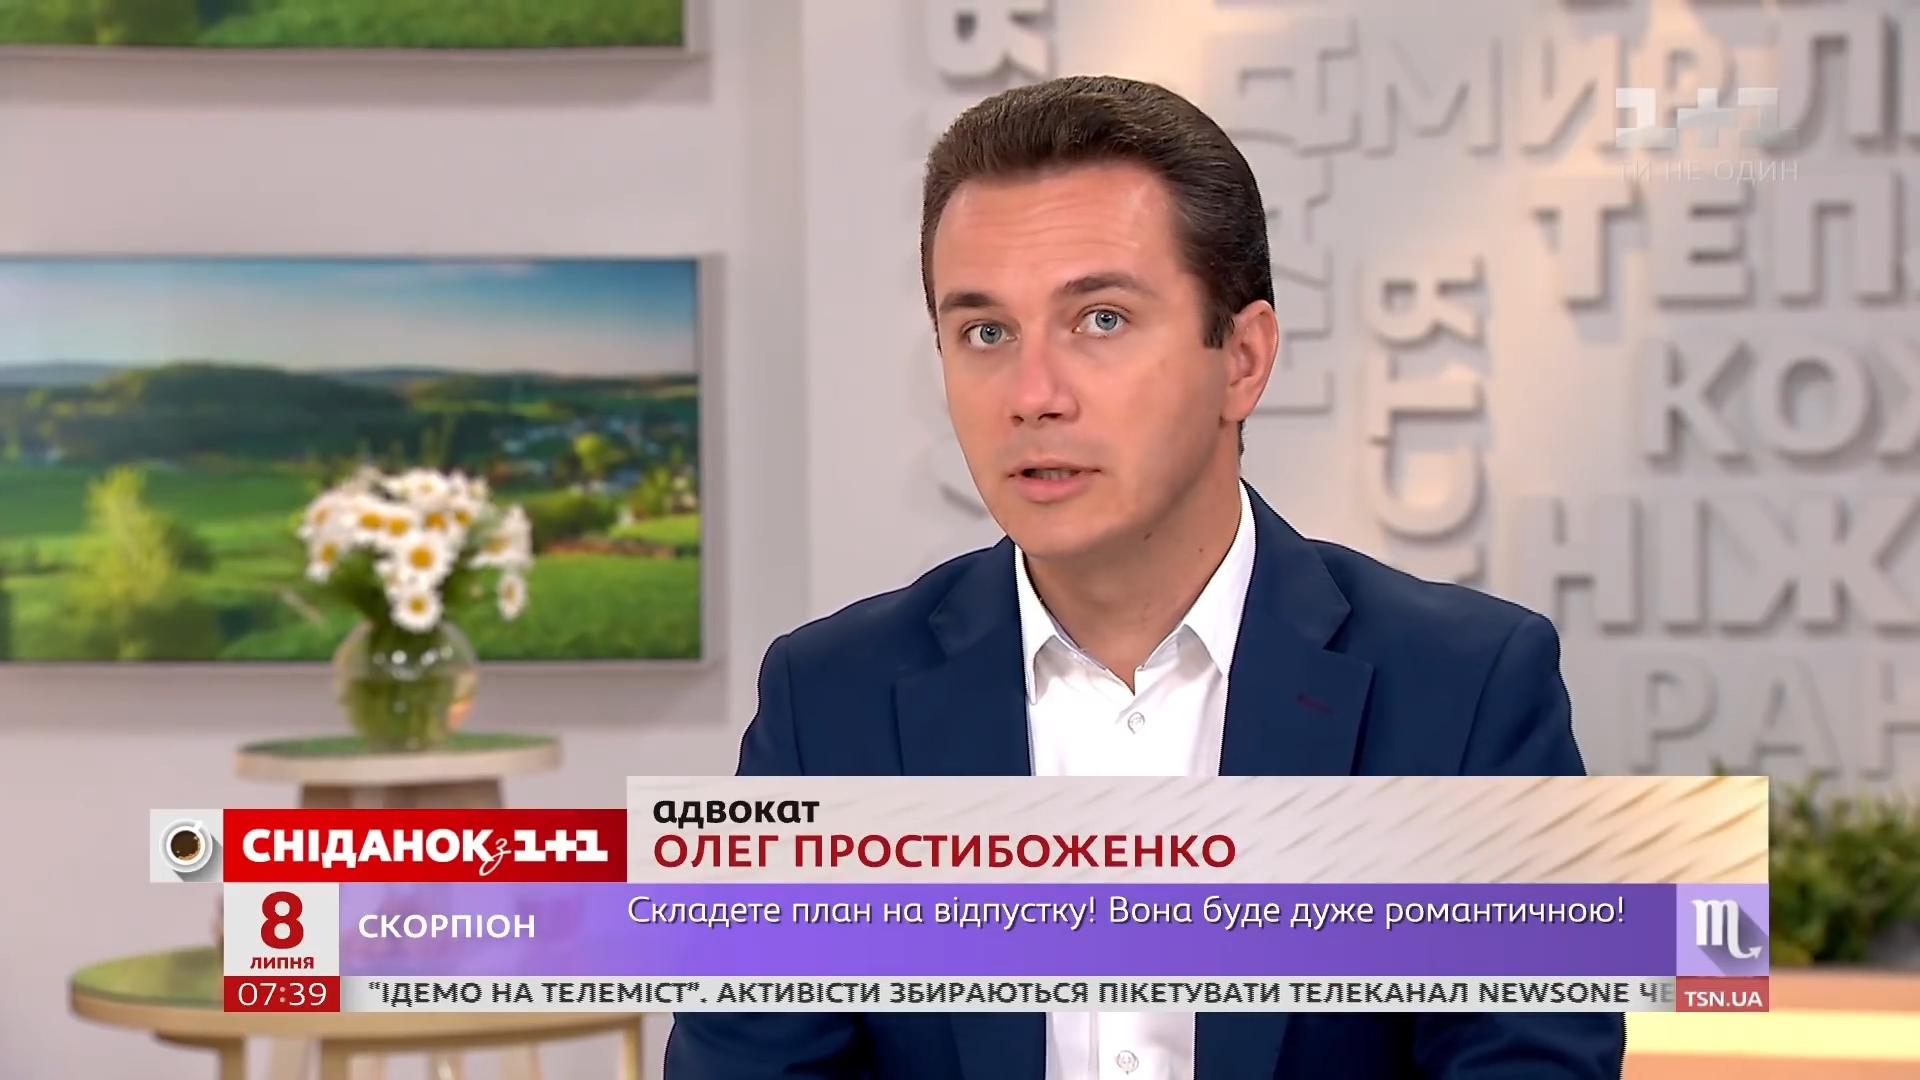 20190708_09-51-Что в Украине считается насилием над детьми и как ему противостоять - адвокат Олег Простибоженко-pic04